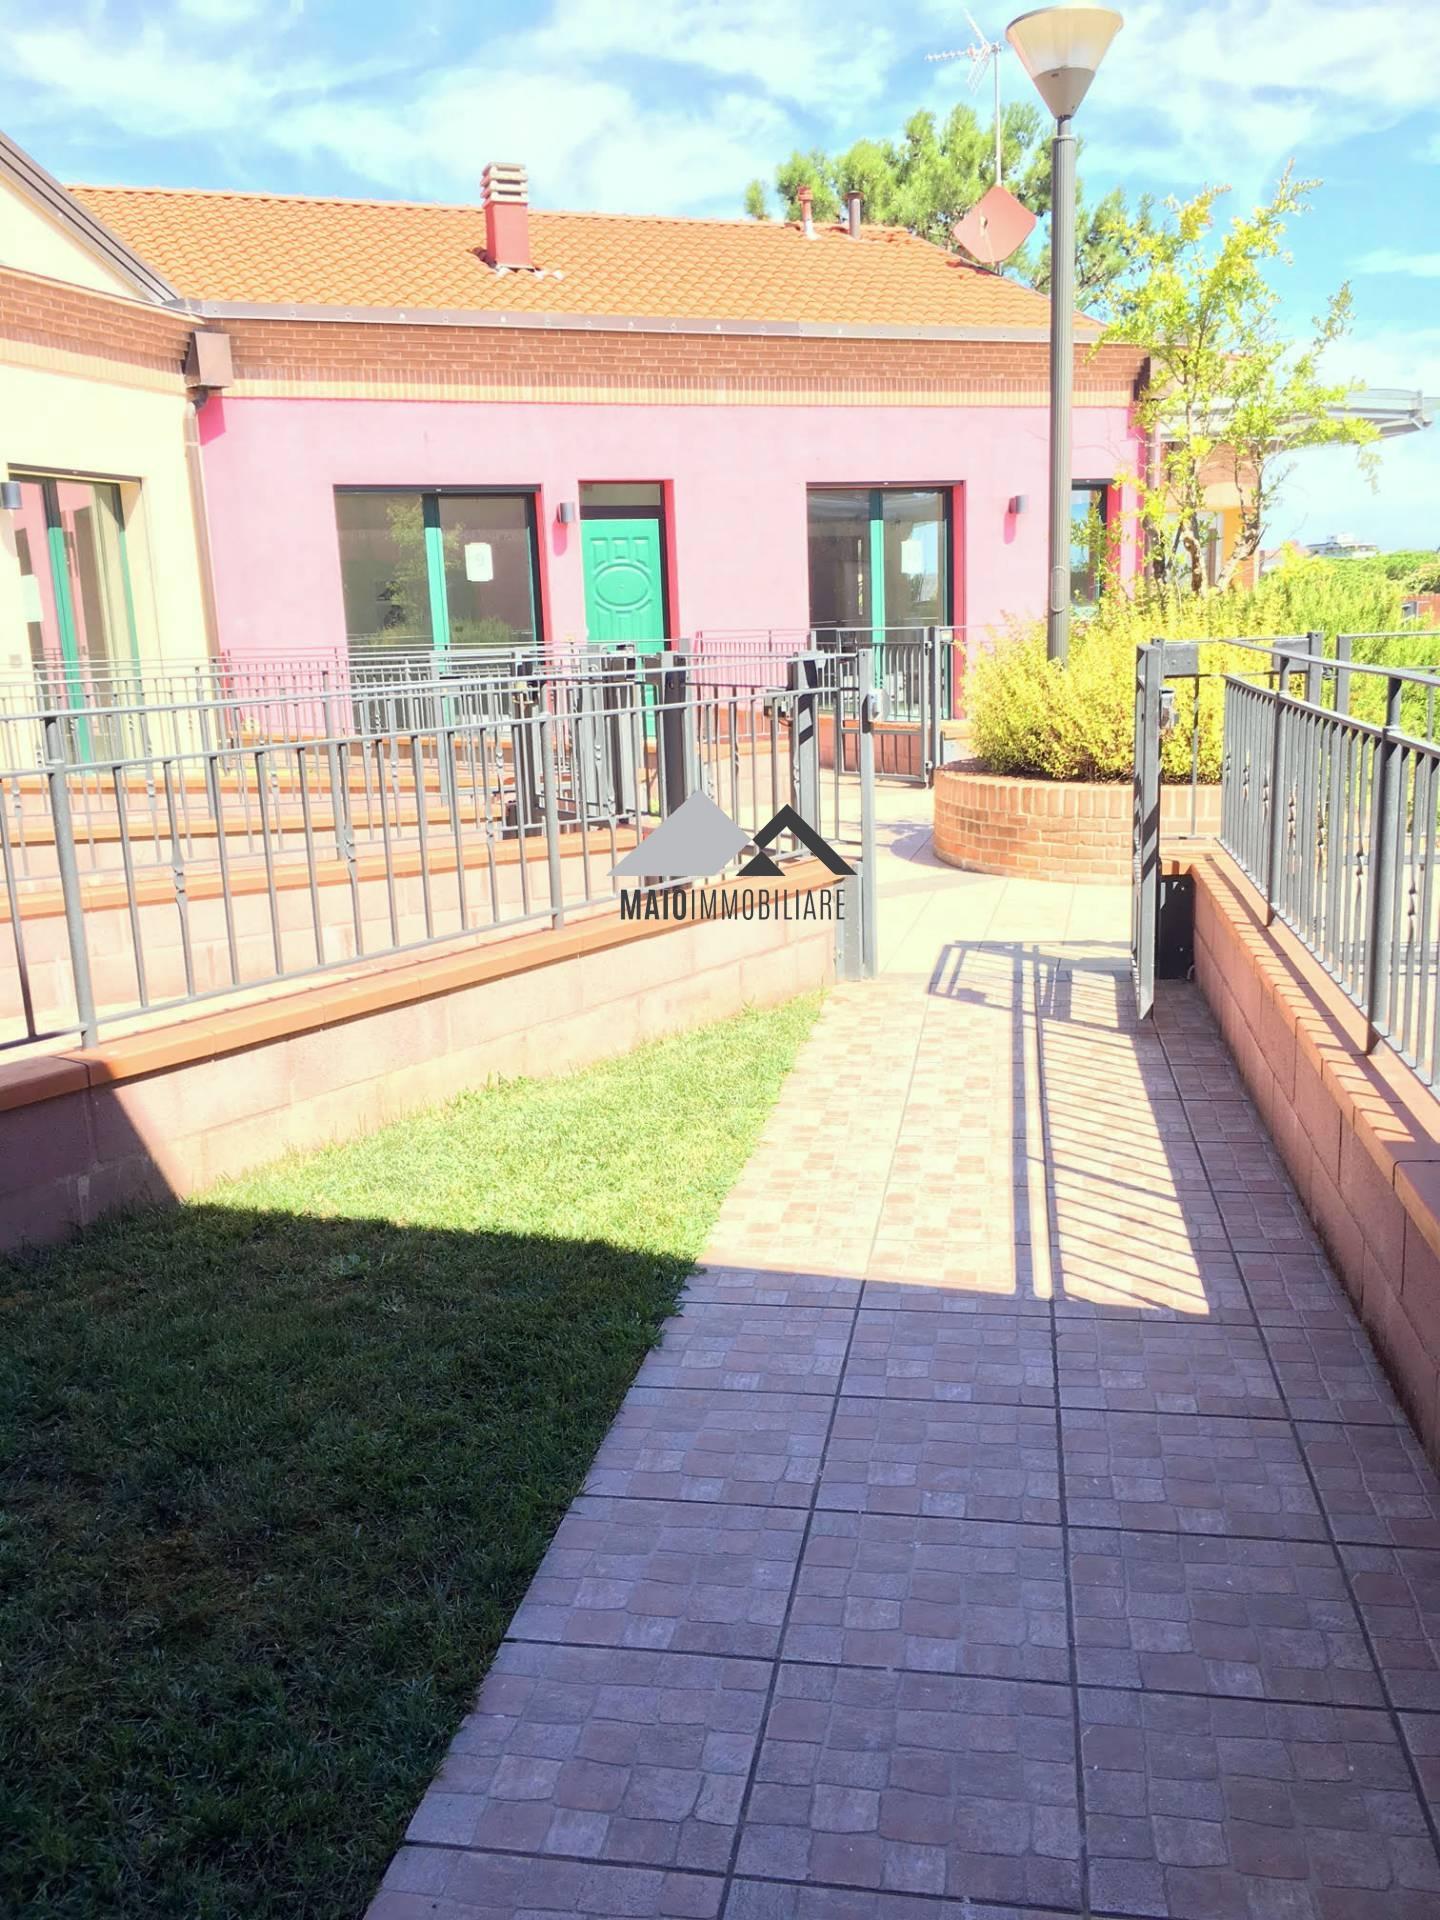 Appartamento in vendita a Riccione, 4 locali, zona Località: PAESE, prezzo € 323.000   CambioCasa.it